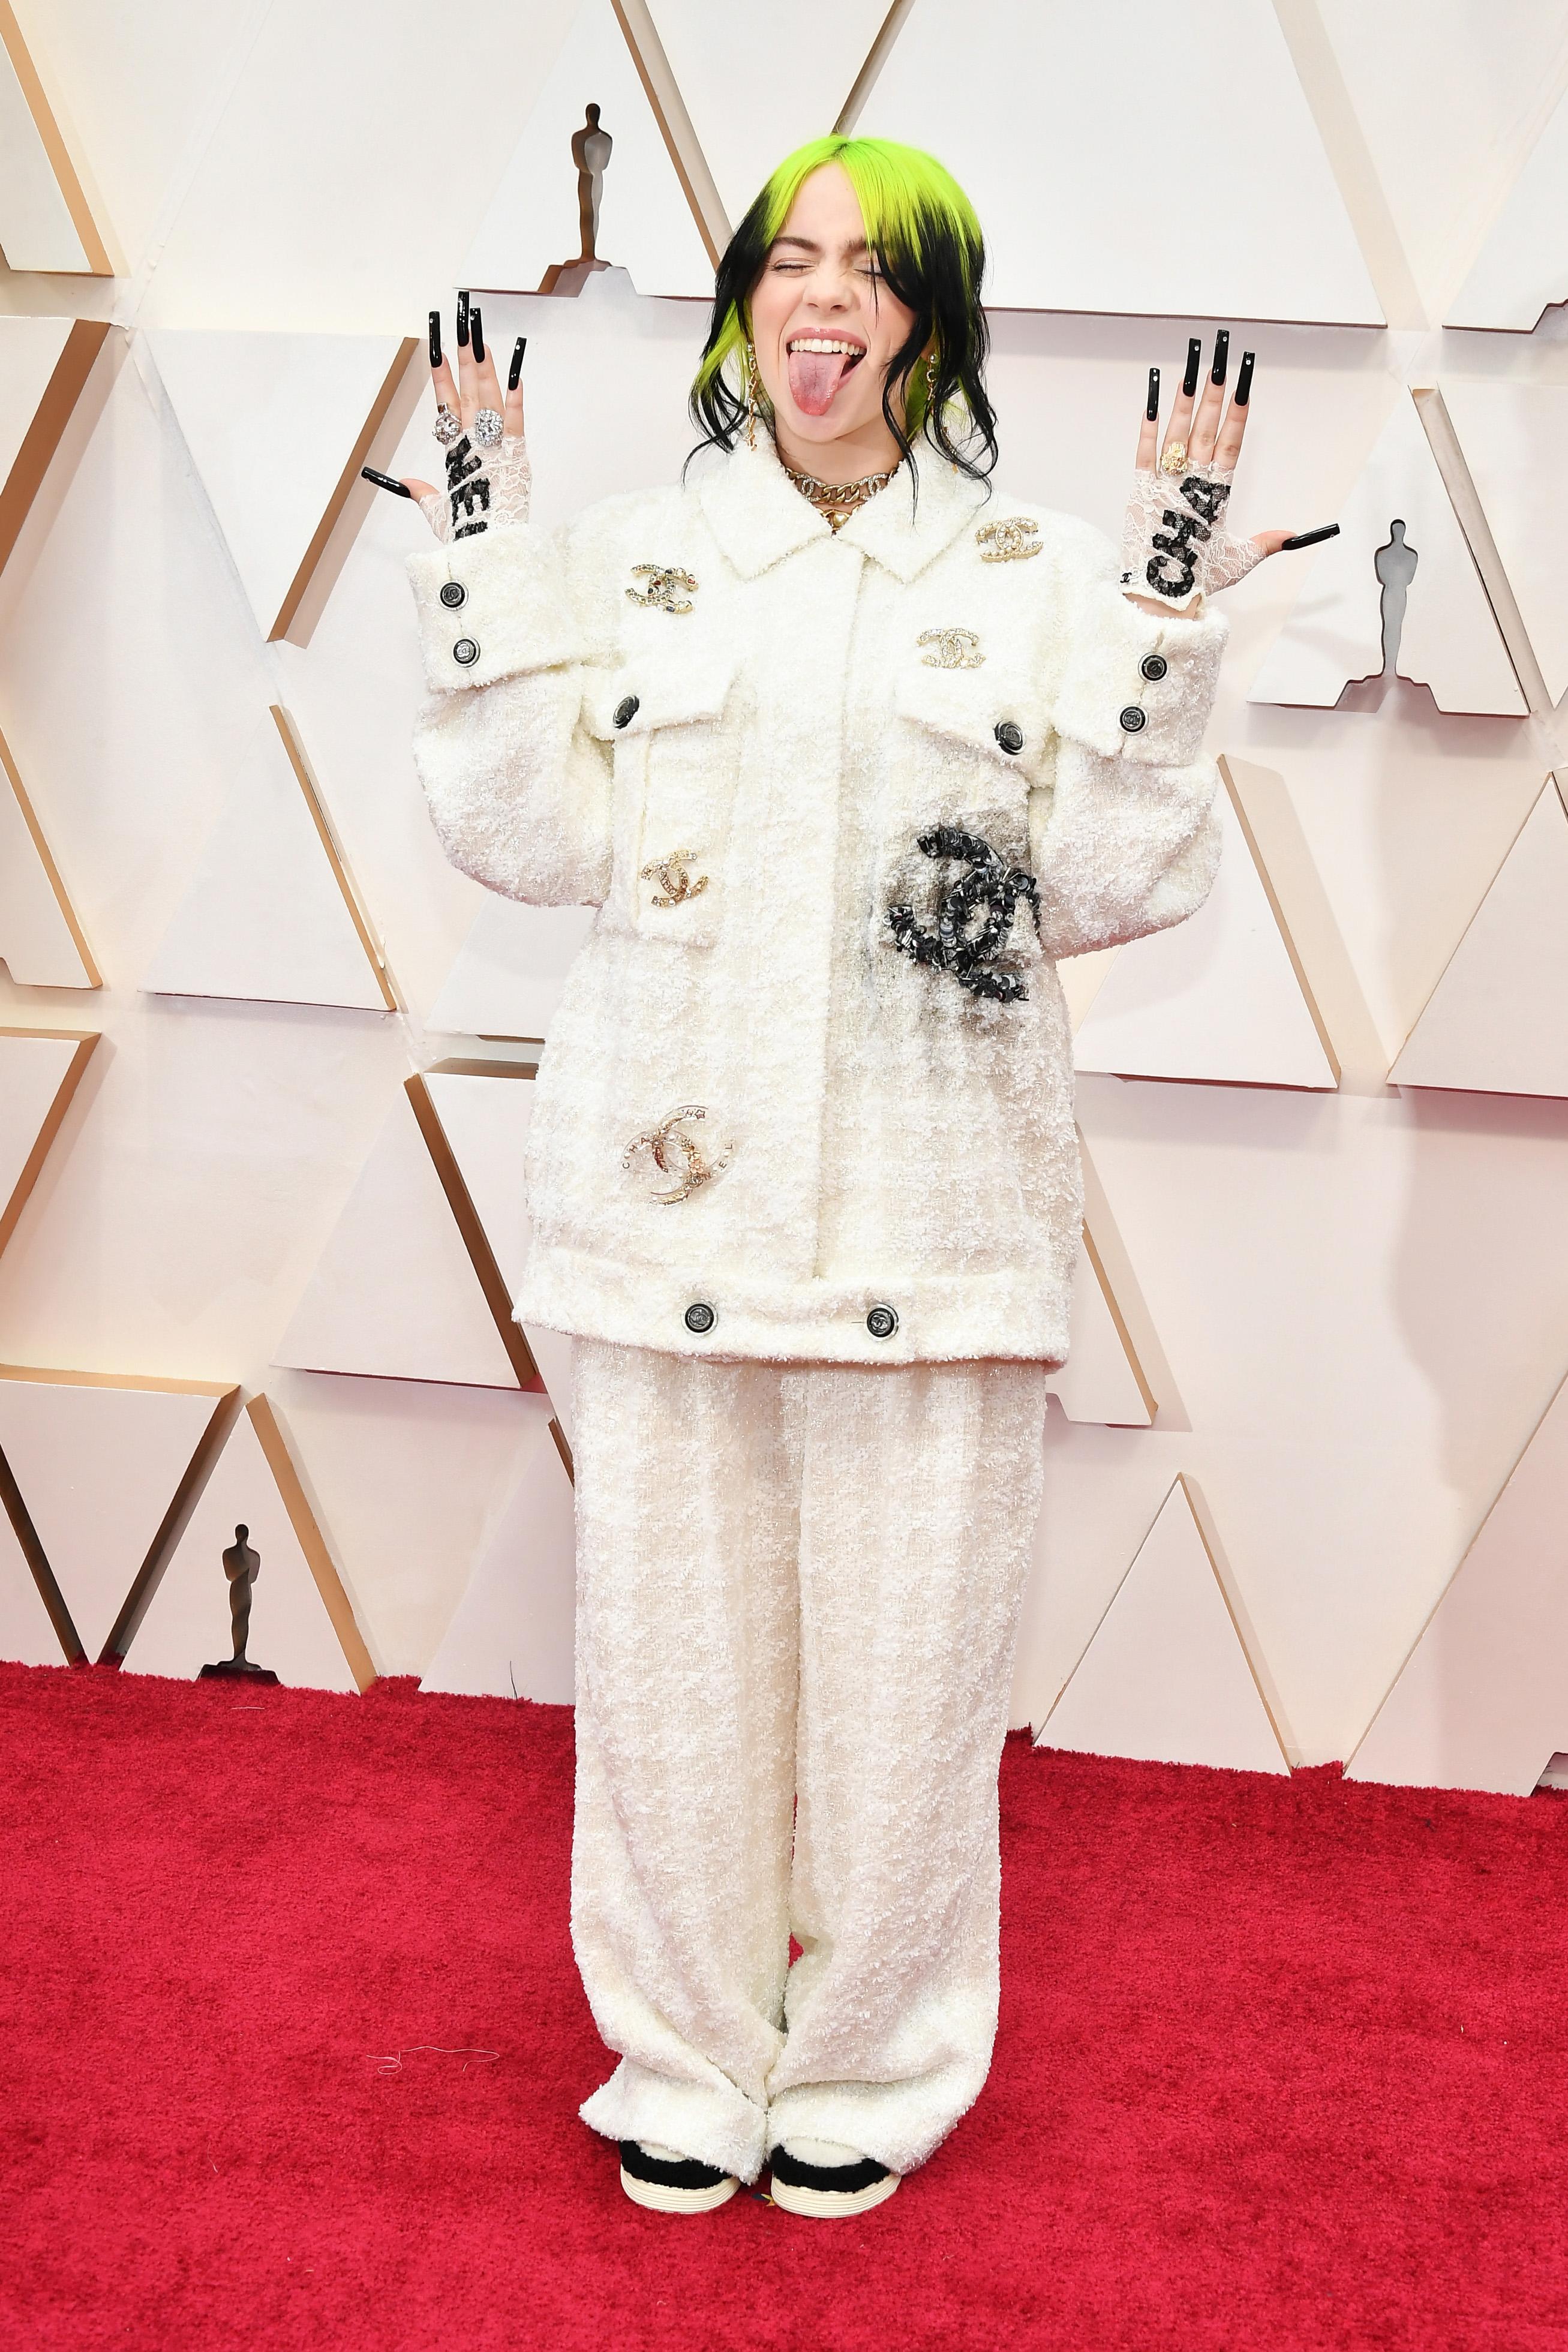 Billie Eilish в Chanel Изпълнителката има свой разпознаваем стил, а Chanel костюмчето е приятно включване сред останалите дрехи в гардероба й.